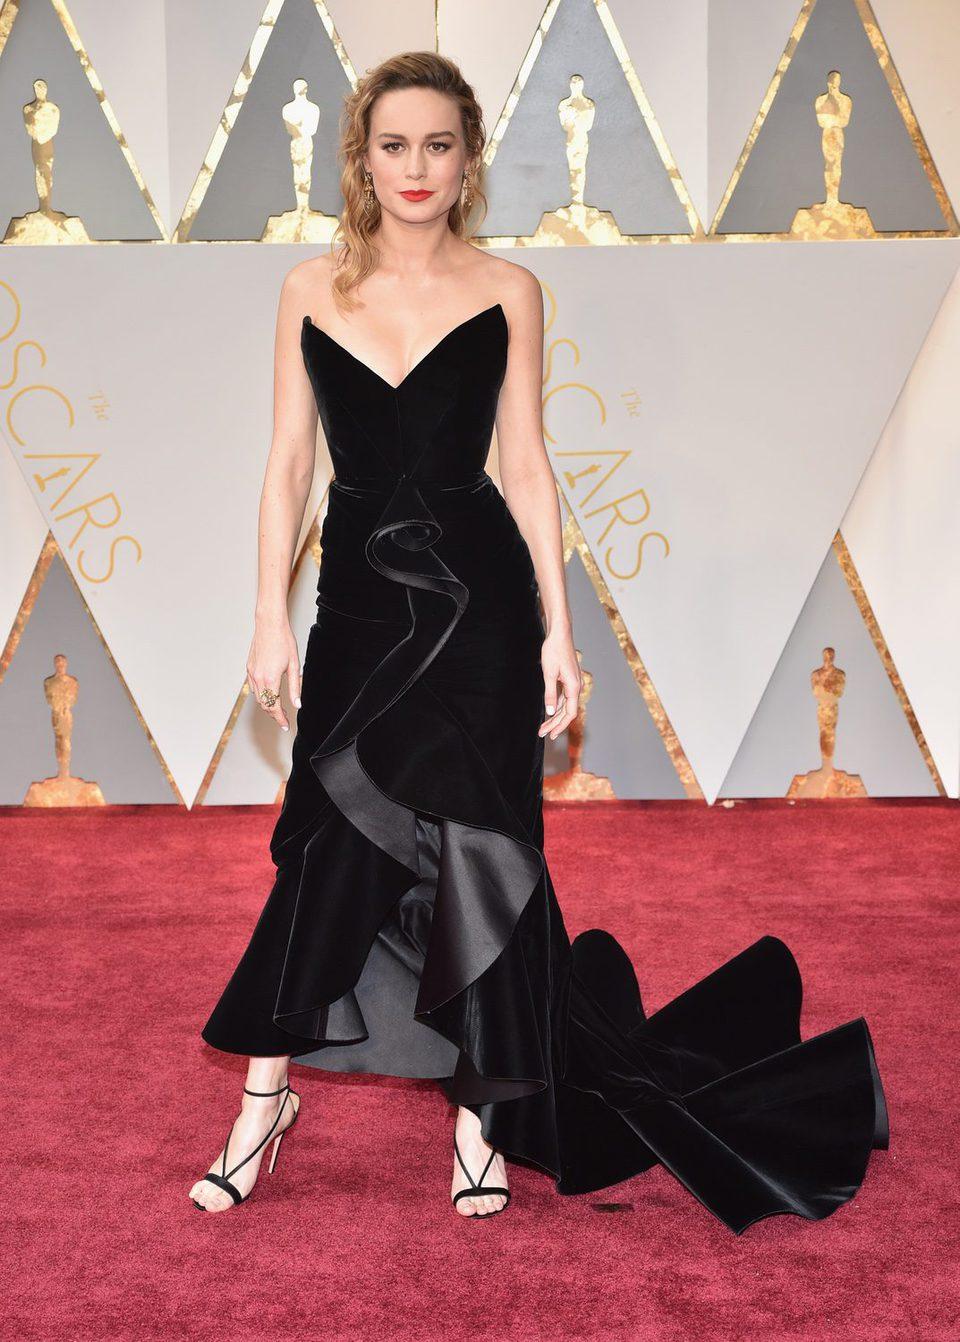 Brie Larson en la alfombra roja de los Premios Oscar 2017